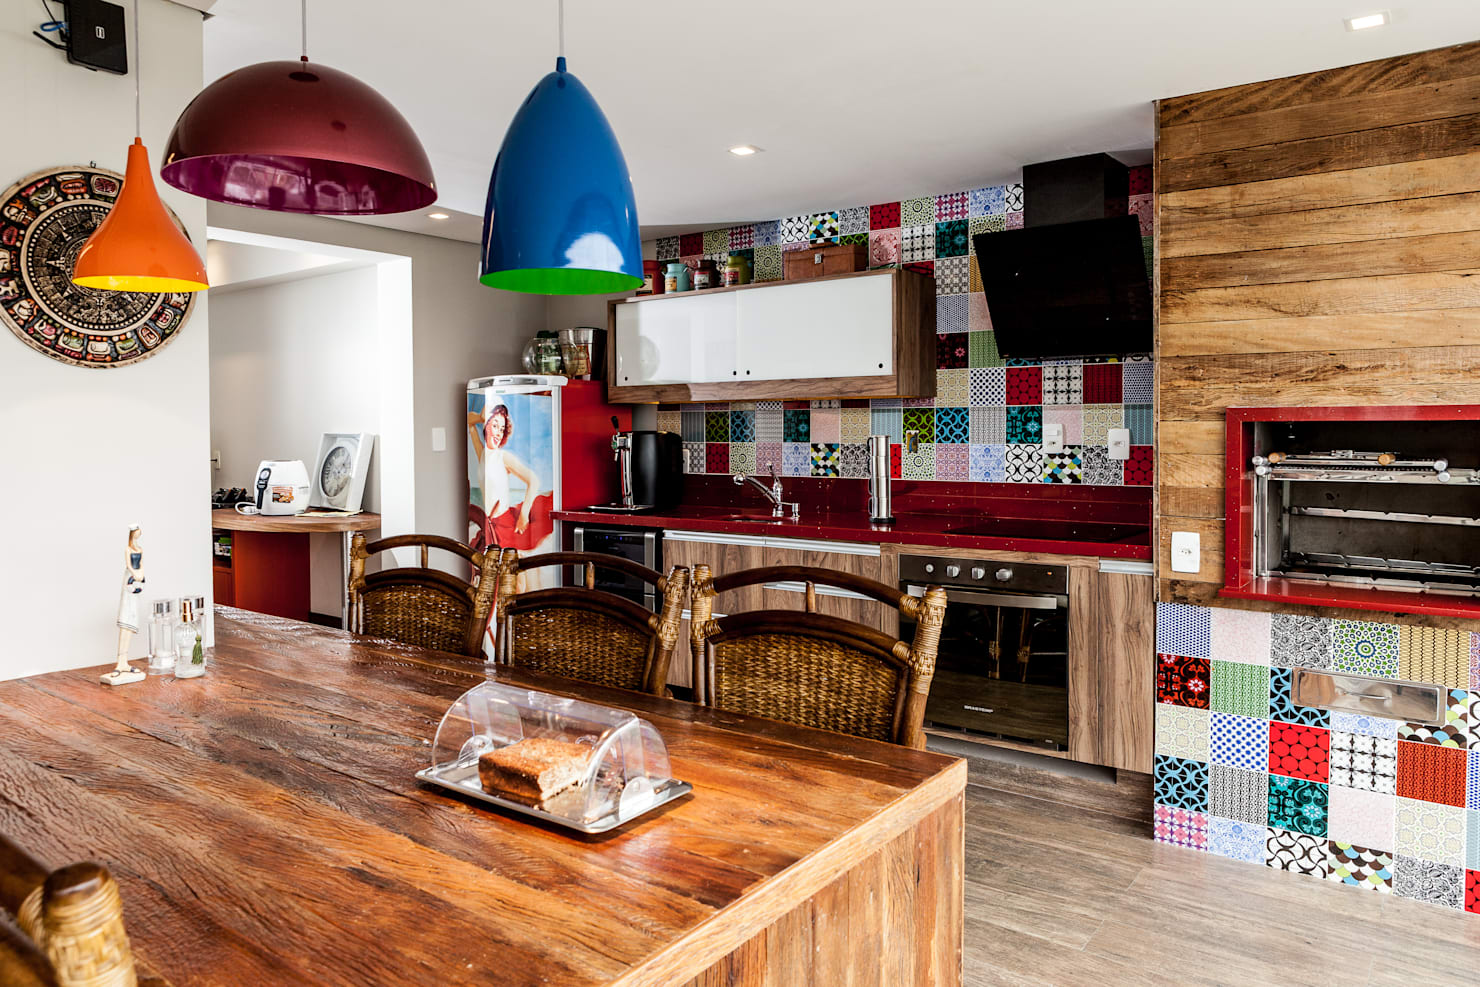 20 einfache Ideen, die dein Zuhause wirklich einzigartig machen!